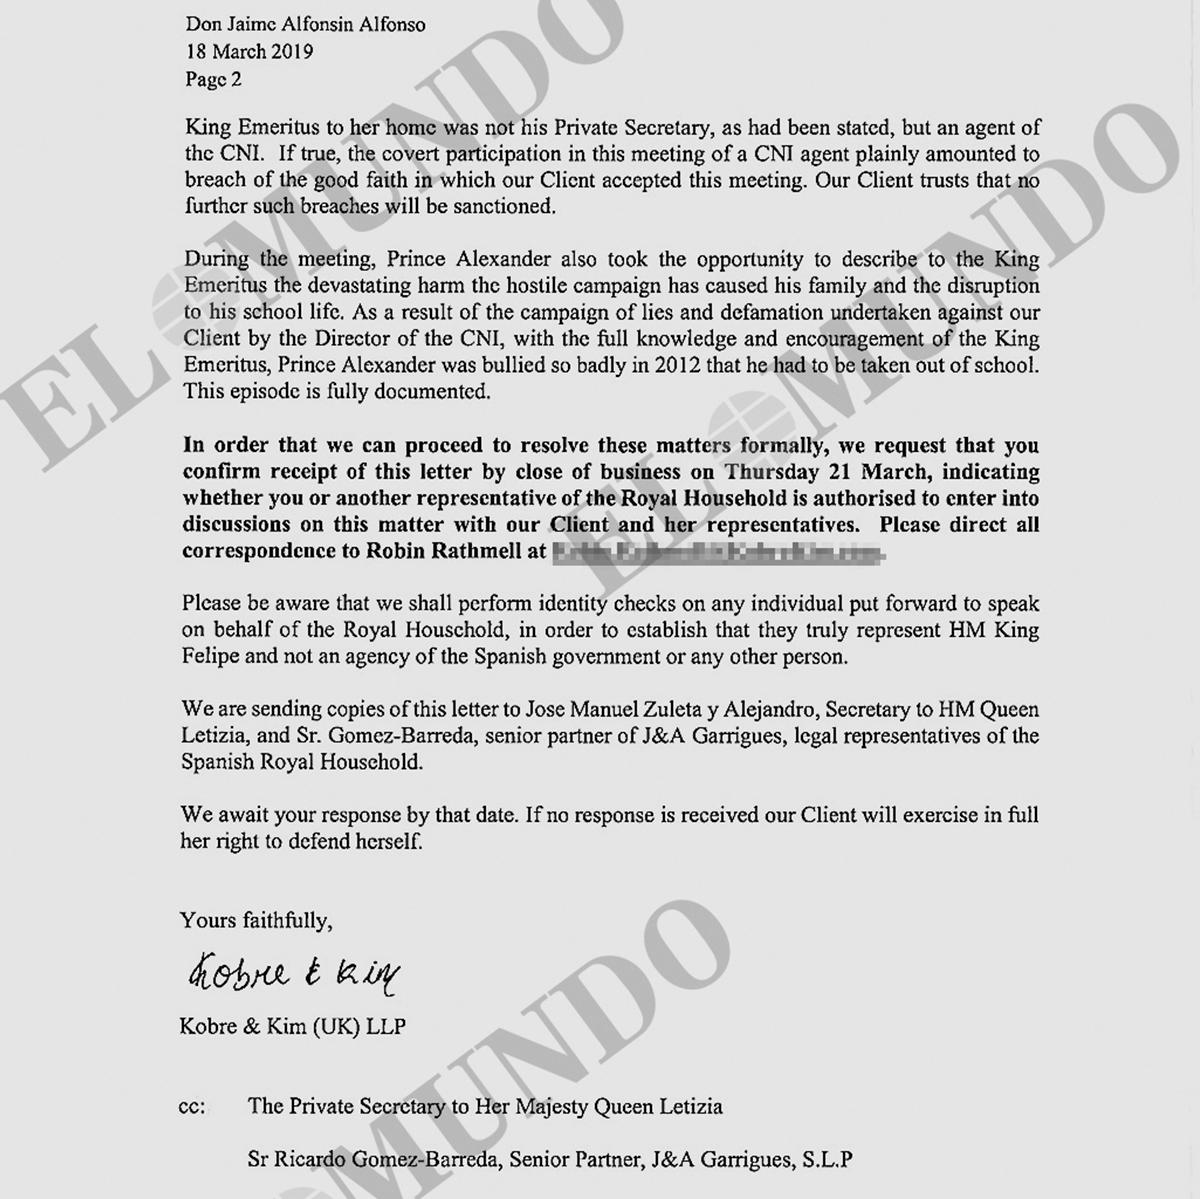 Este escrito fue publicado en una investigación de EL MUNDO, por los periodistas Esteban Urreiztieta y Ángela Martialay.Este escrito fue publicado en una investigación de EL MUNDO, por los periodistas Esteban Urreiztieta y Ángela Martialay.